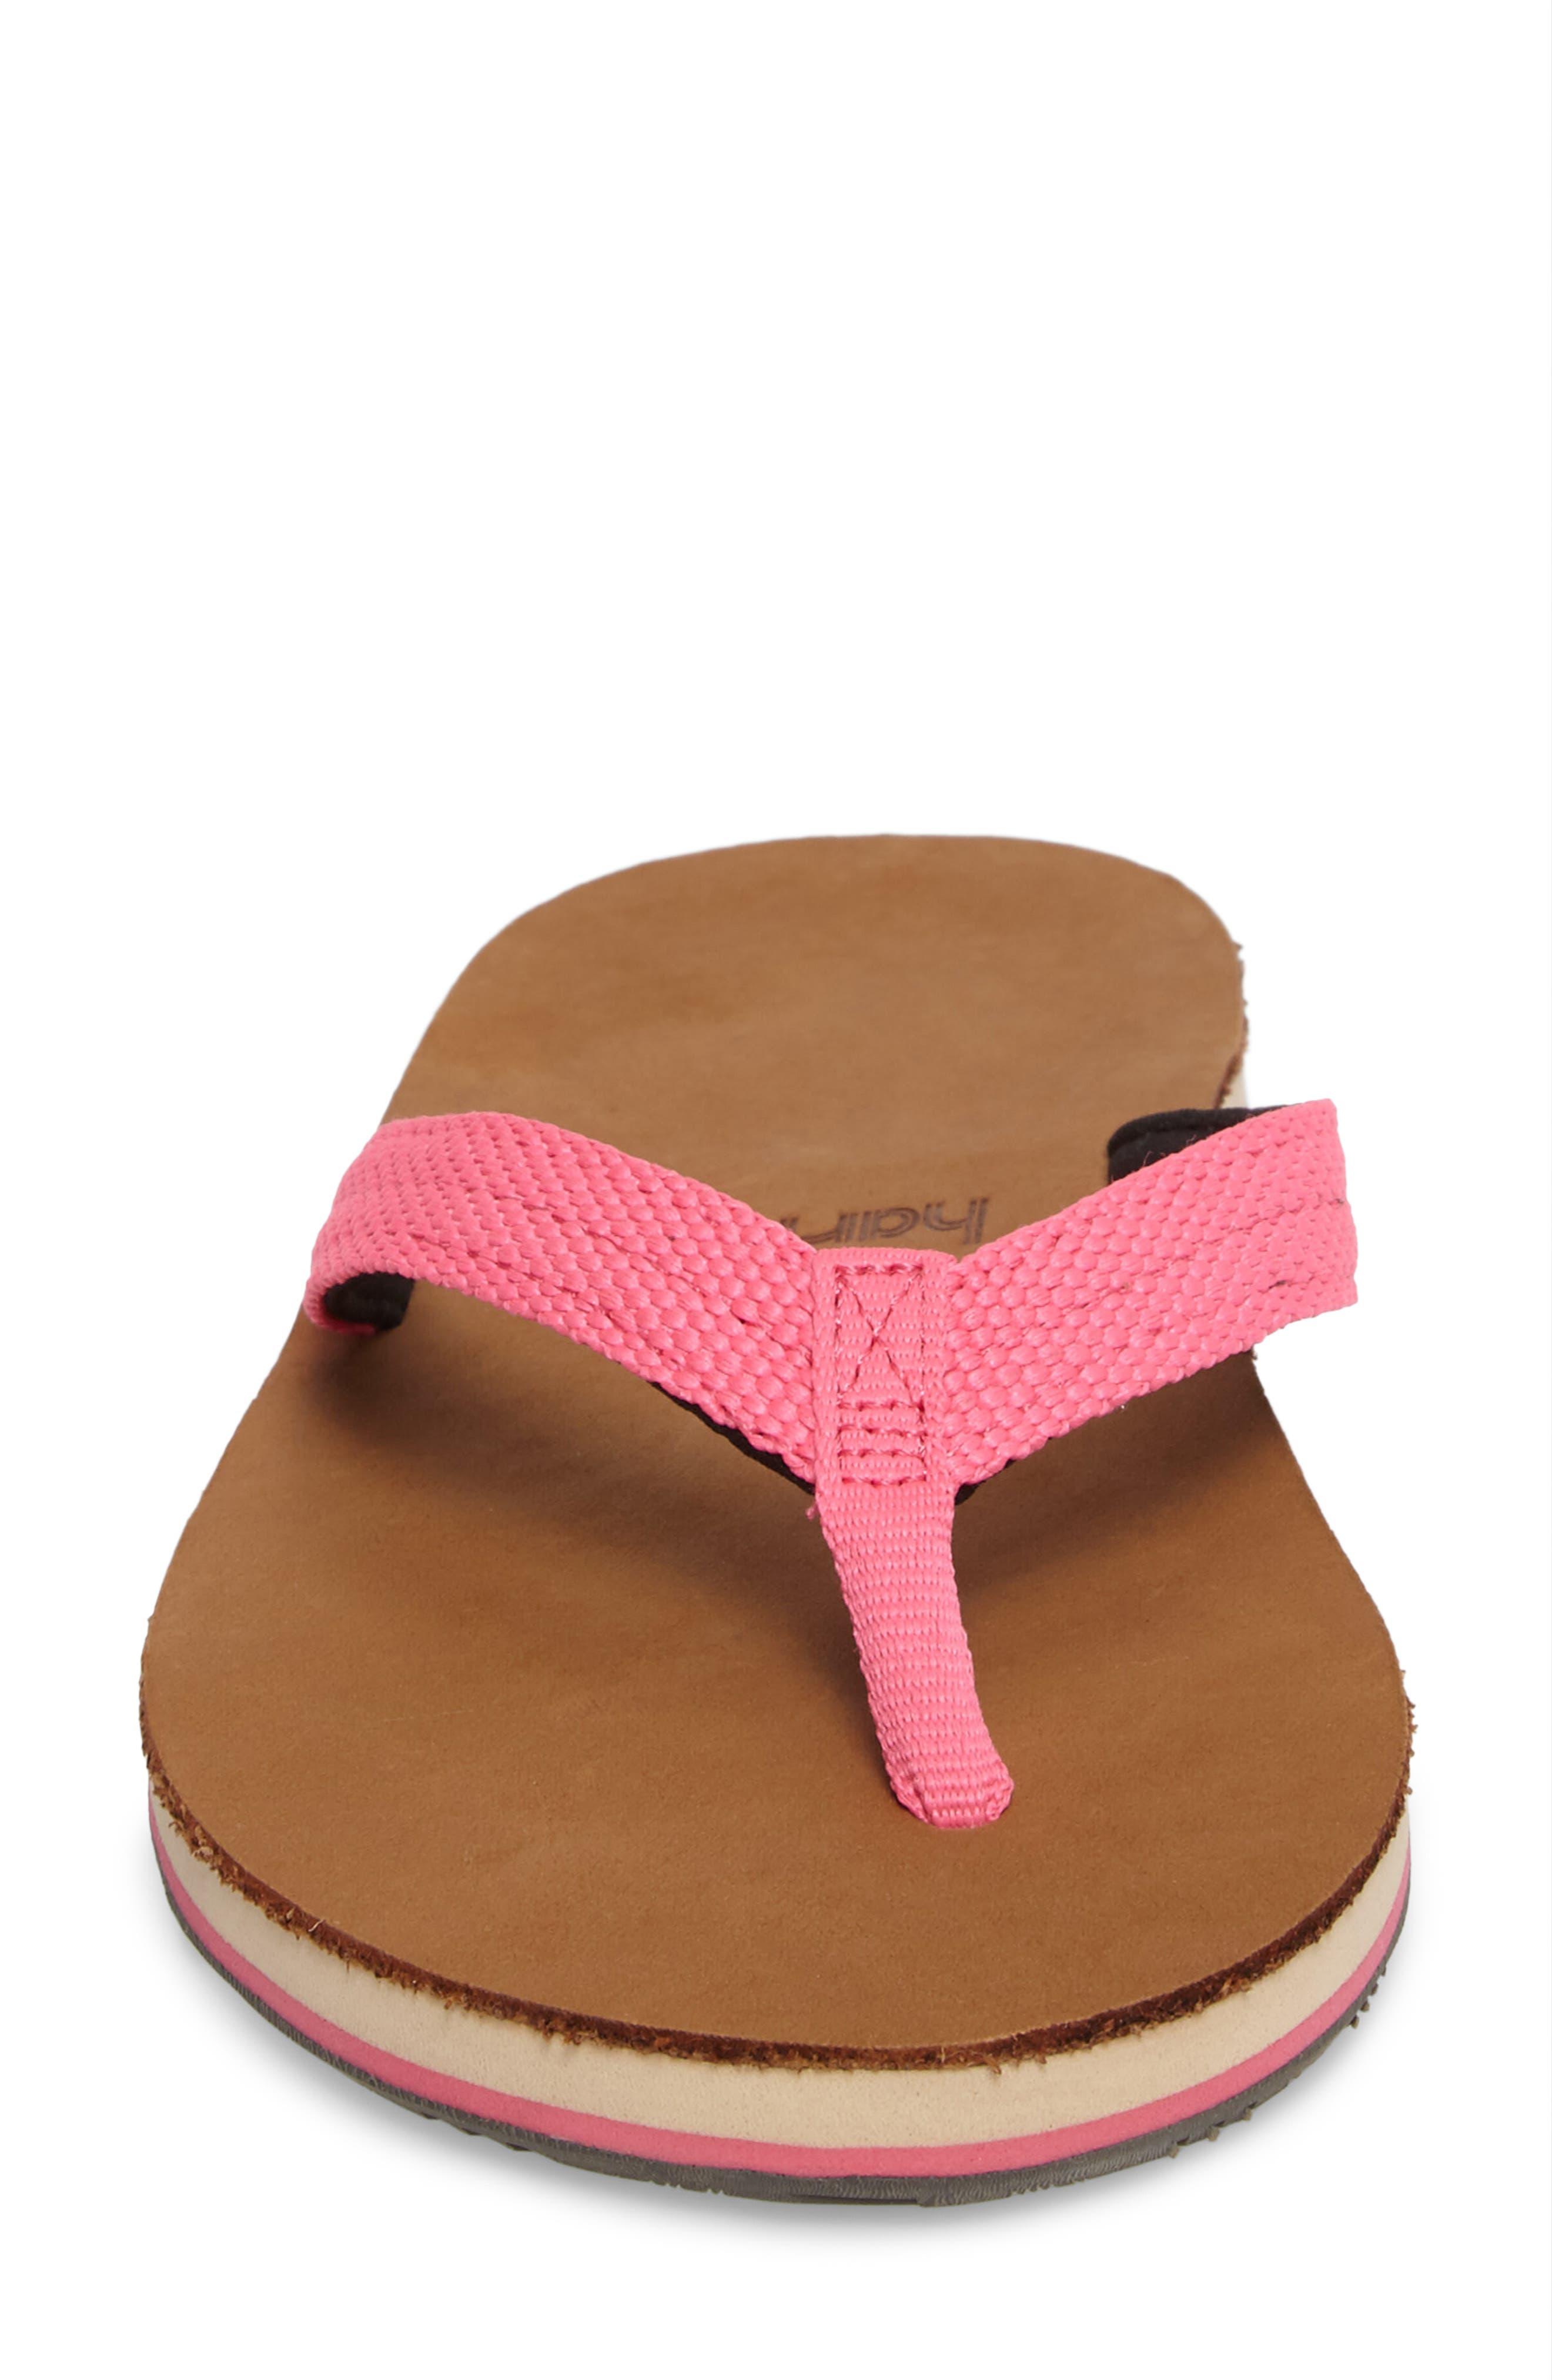 Scouts Flip Flop,                             Alternate thumbnail 4, color,                             Neon Pink/ Black